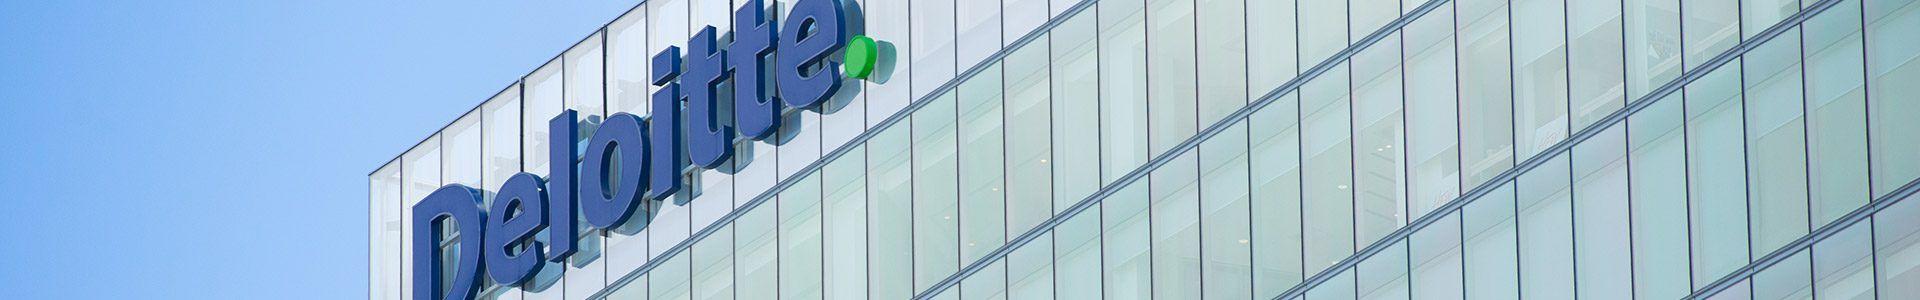 team nijhuis bij 37 snelst groeiende bedrijven van nederland